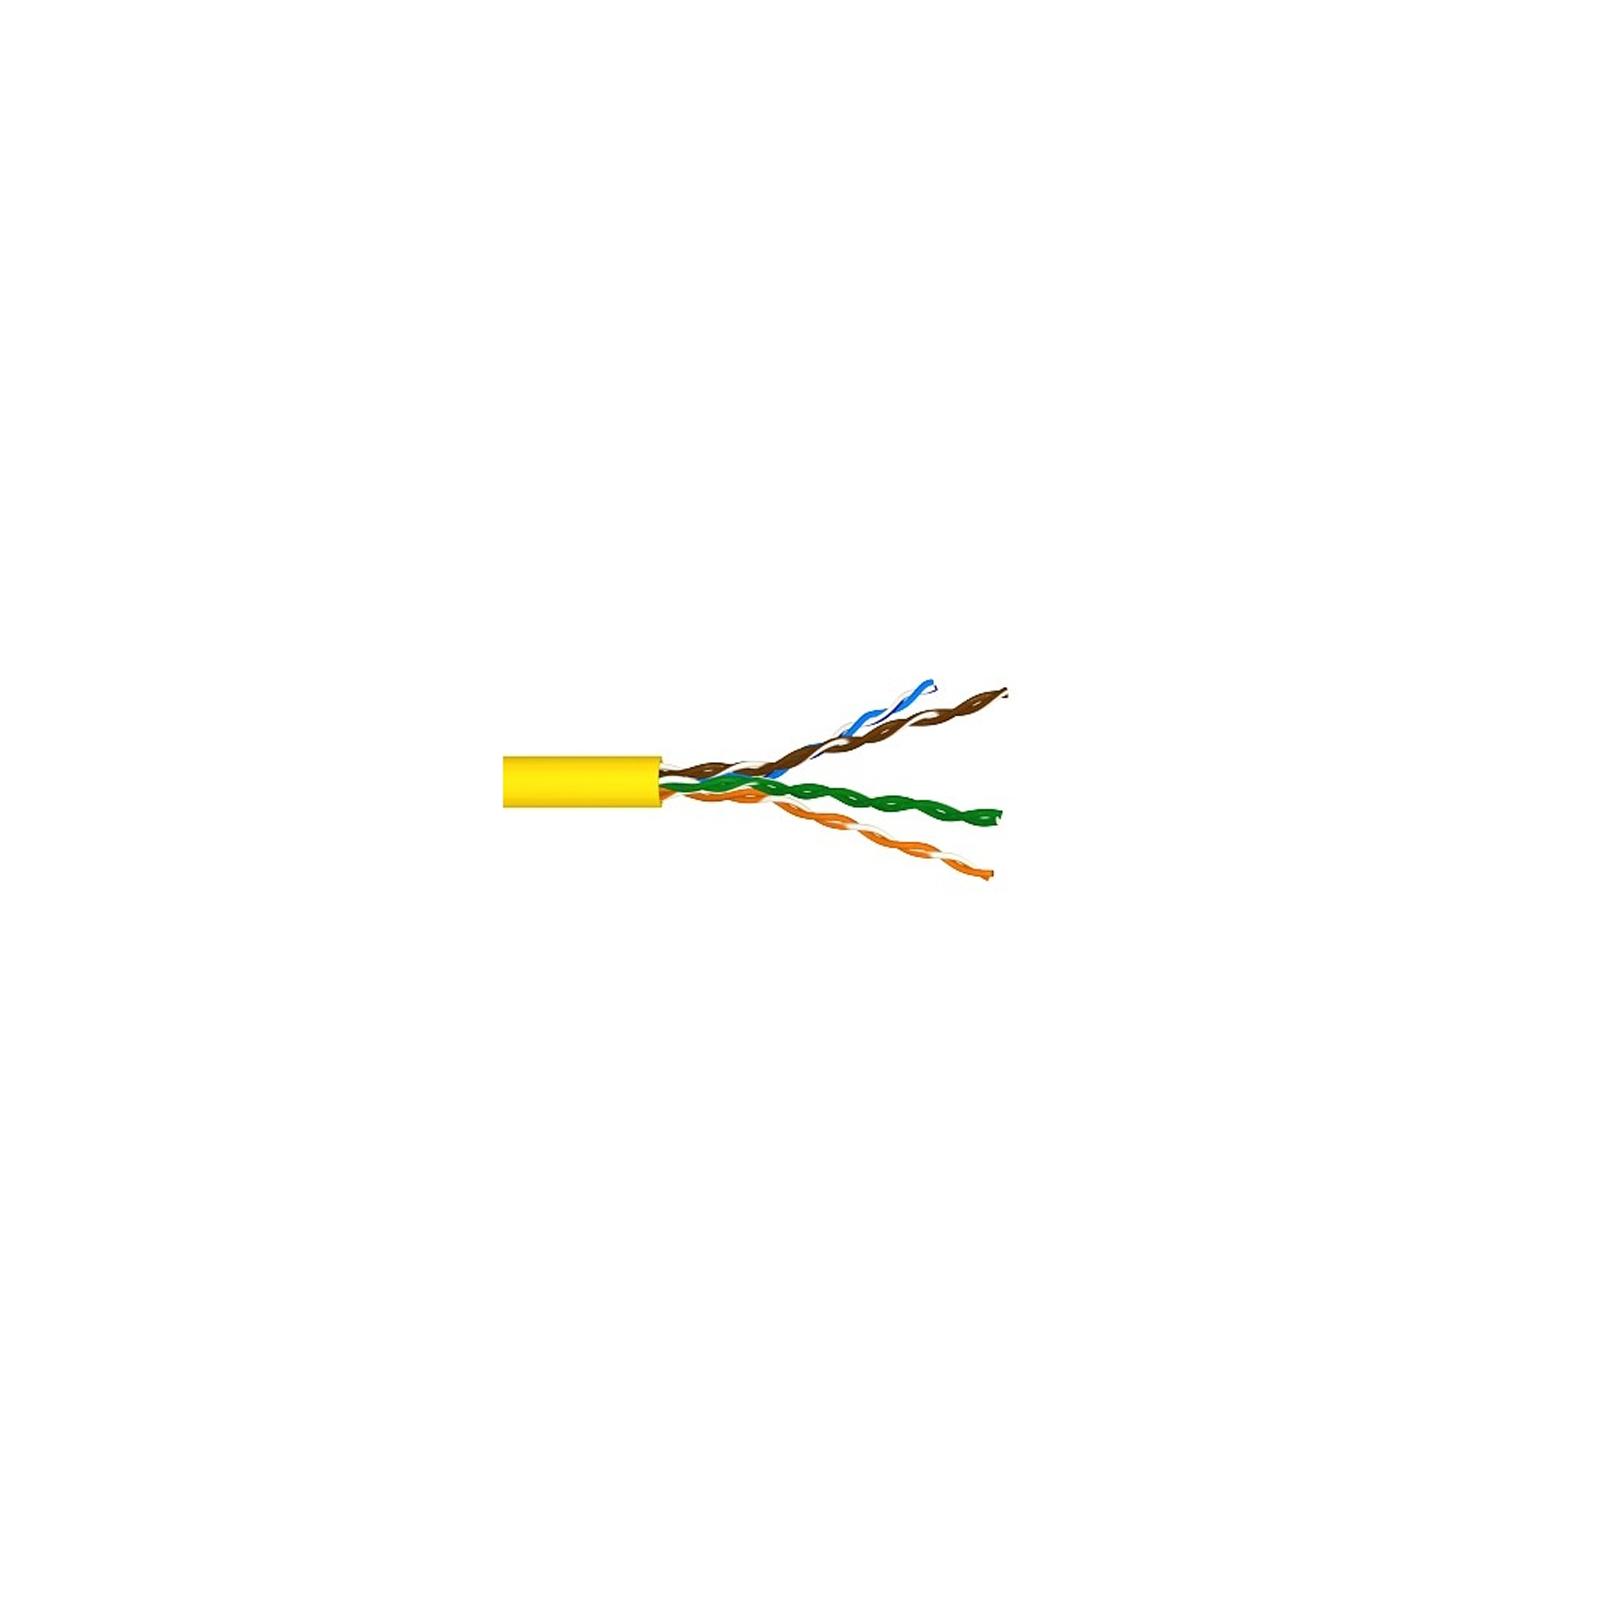 Кабель сетевой Molex UTP 305м (39-504-PS) изображение 2